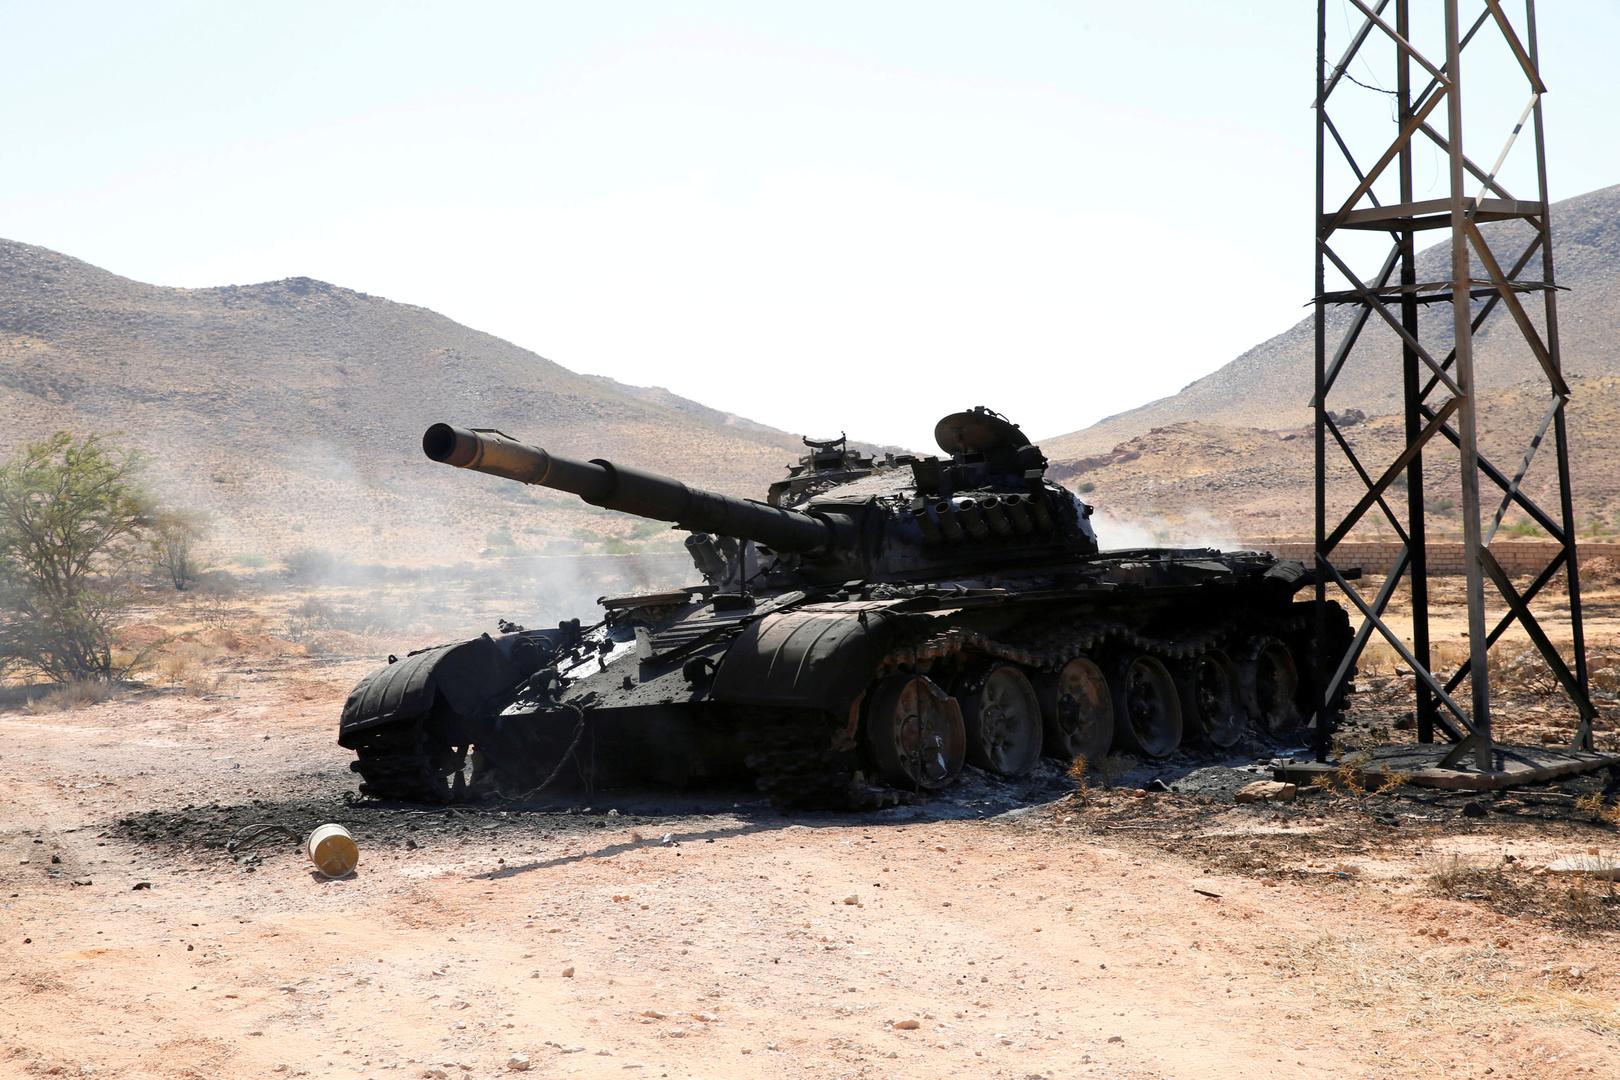 ليبيا.. هجوم كبير لقوات الوفاق على قاعدة الوطية الجوية